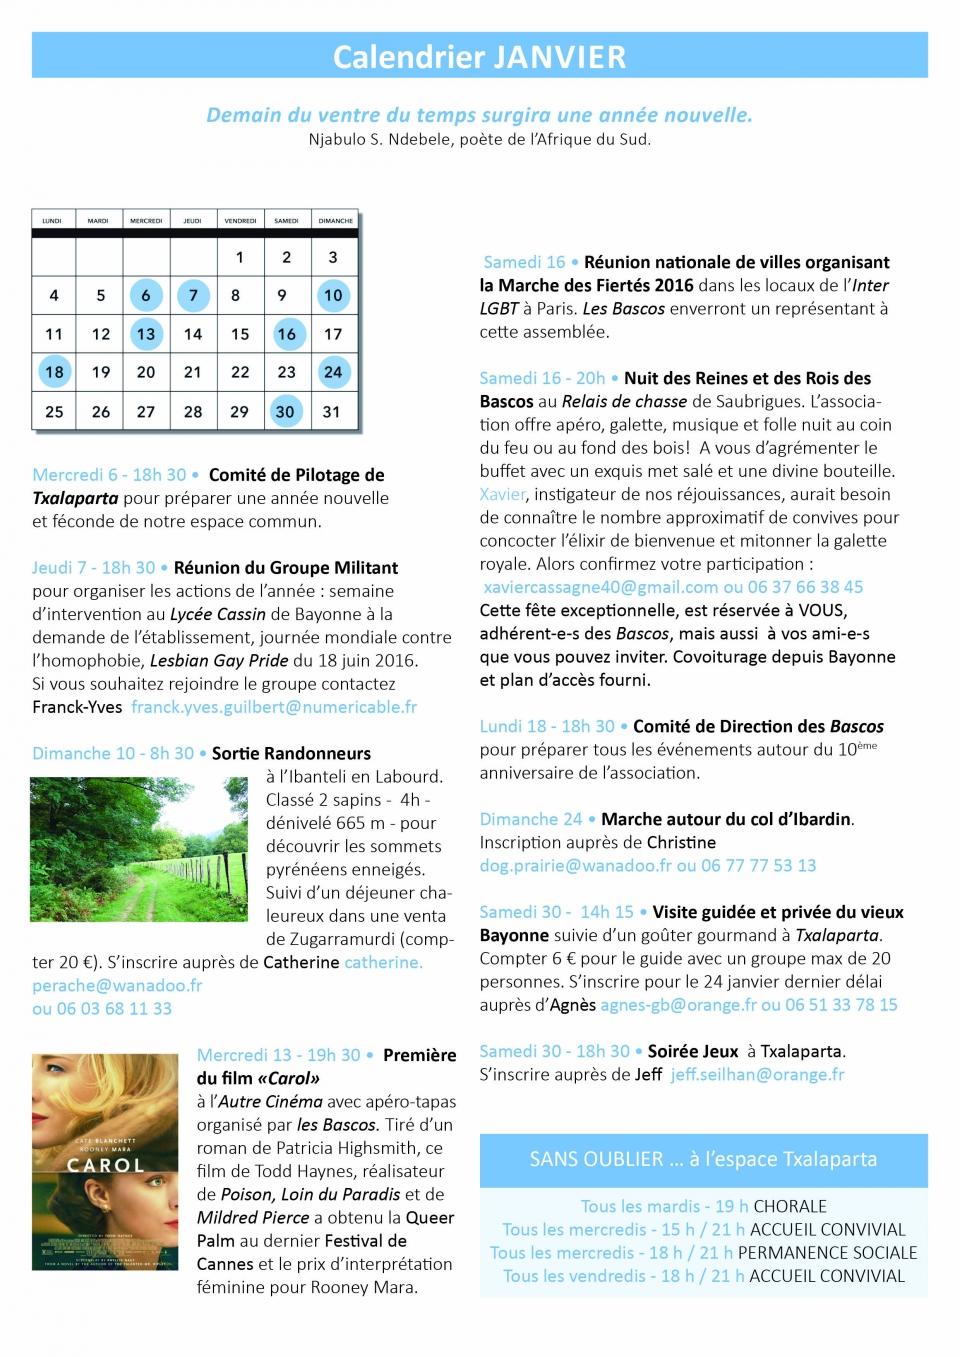 Janvier-web (2).jpg